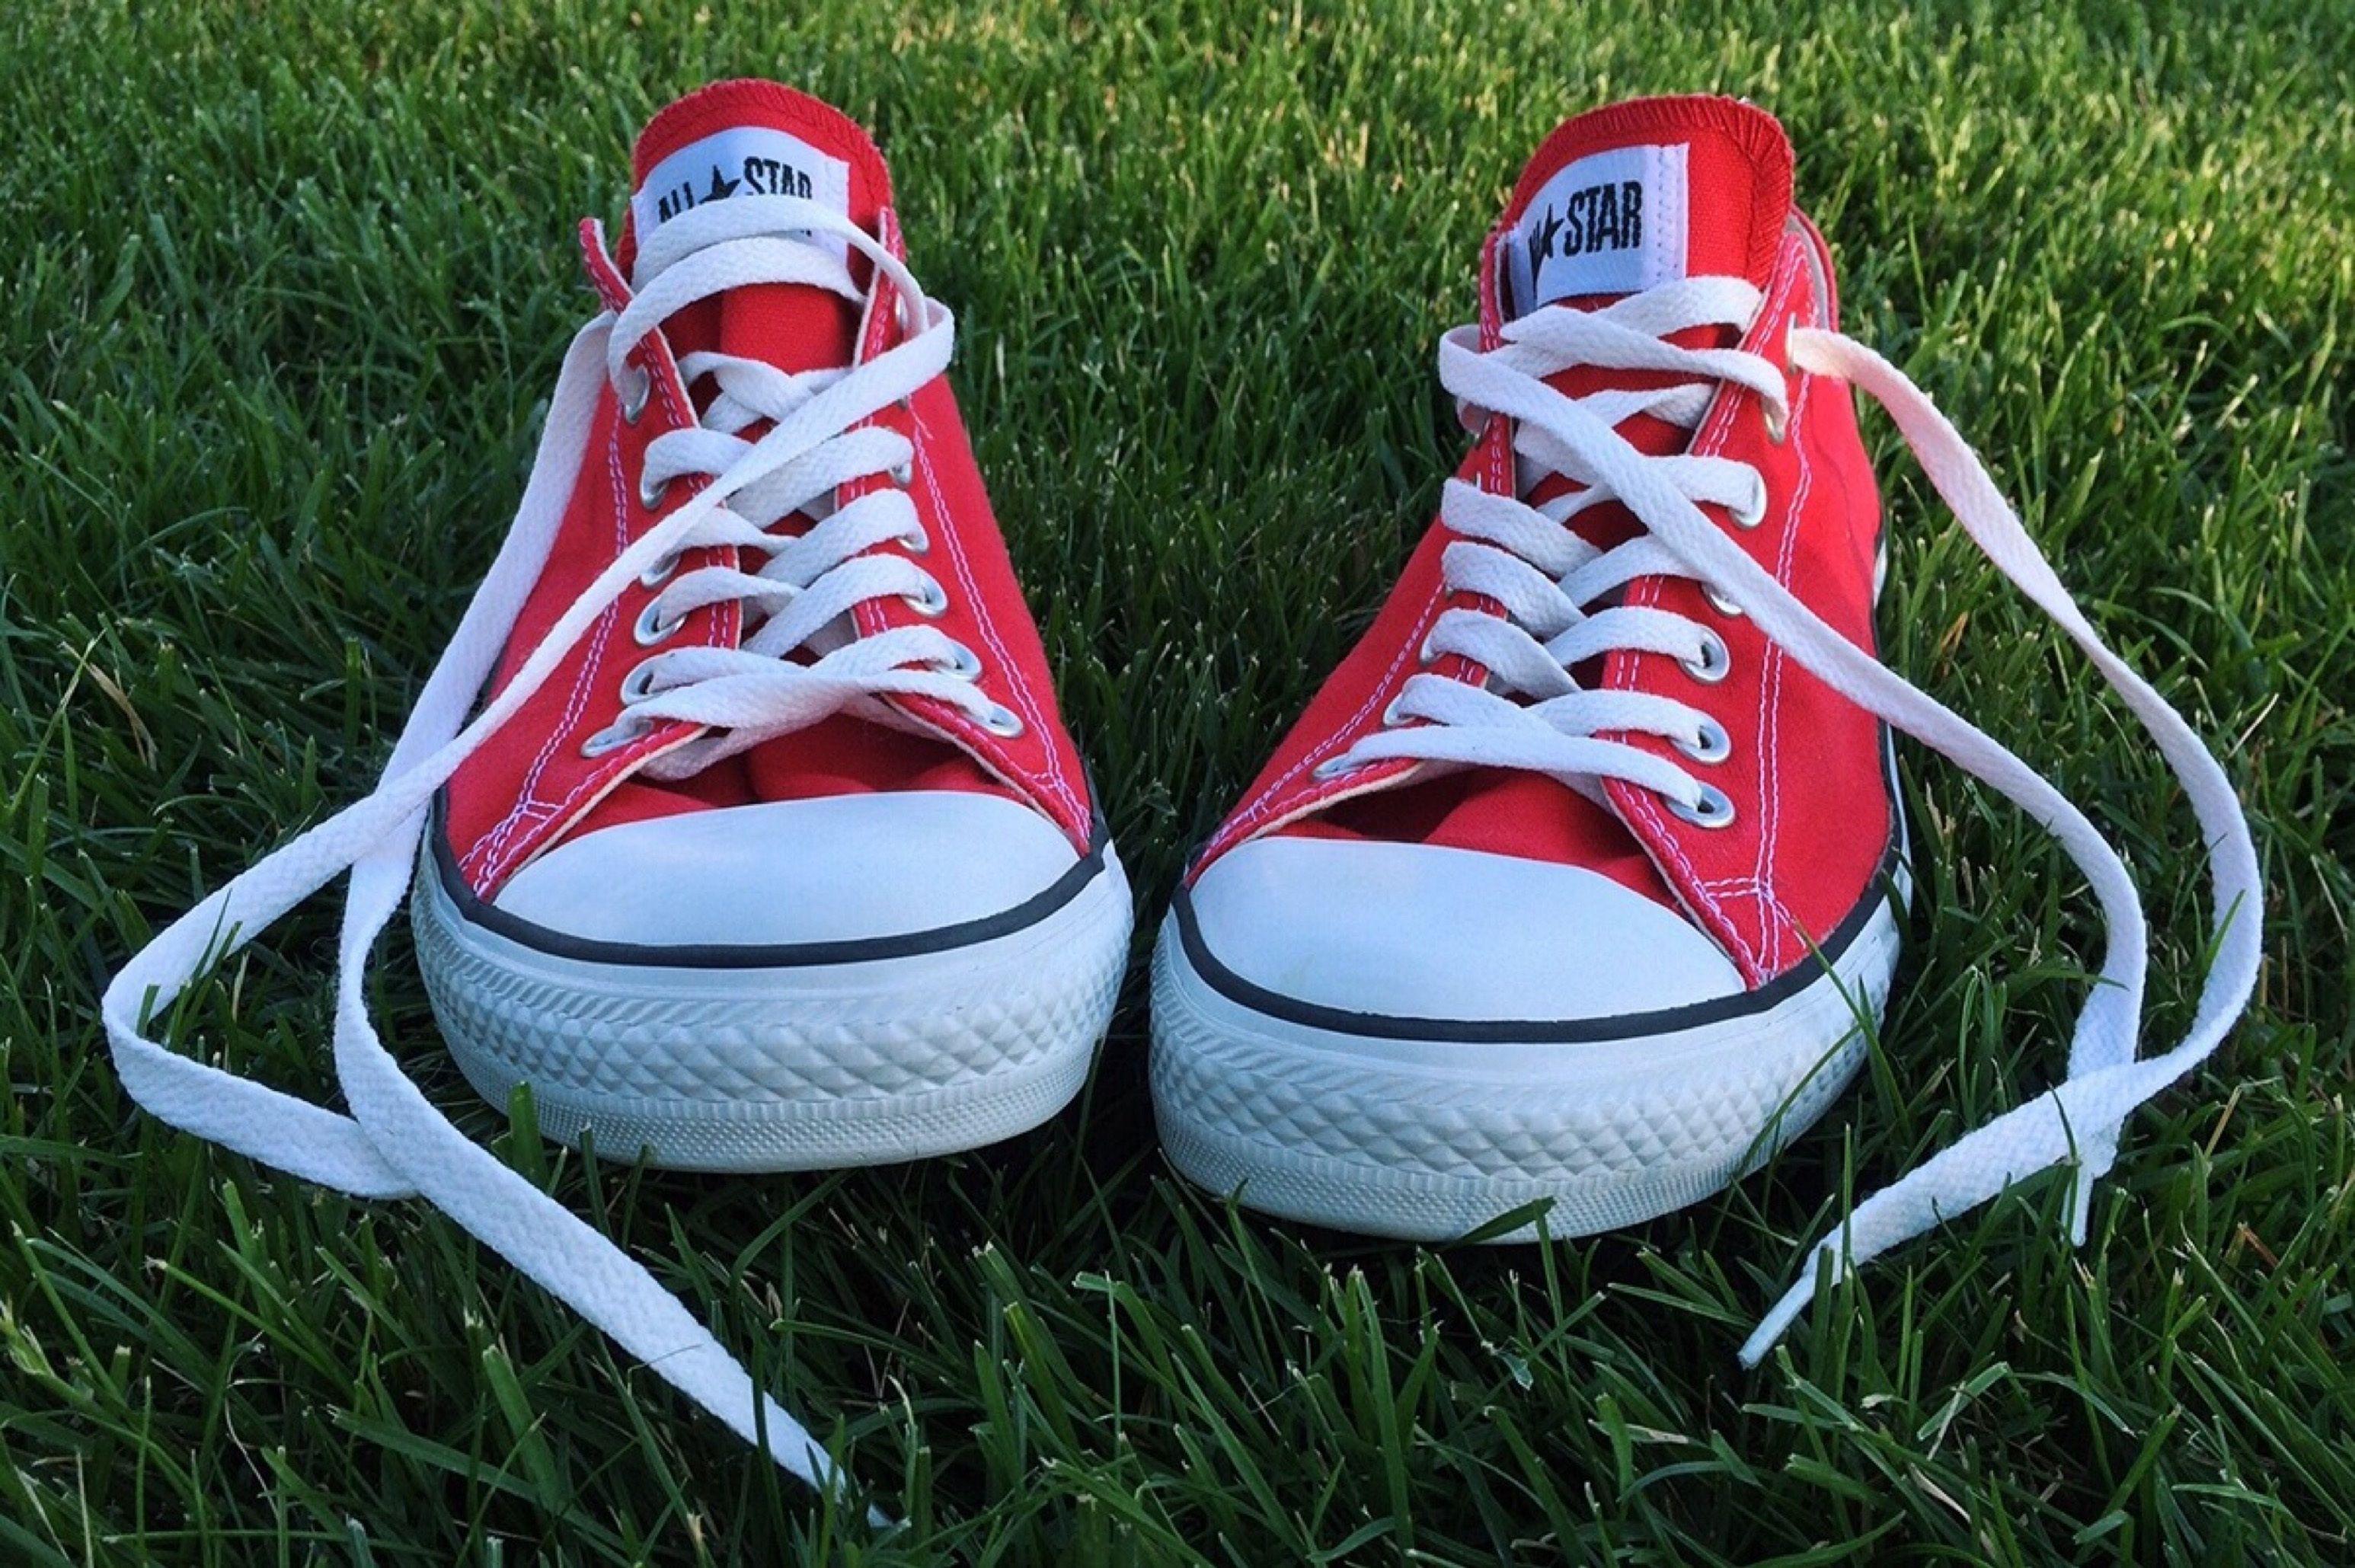 6369d872c03ec Schuhe begleiten uns Tag für Tag und sollten deshalb mit Bedacht ausgesucht  werden. Es ist nicht nur wichtig